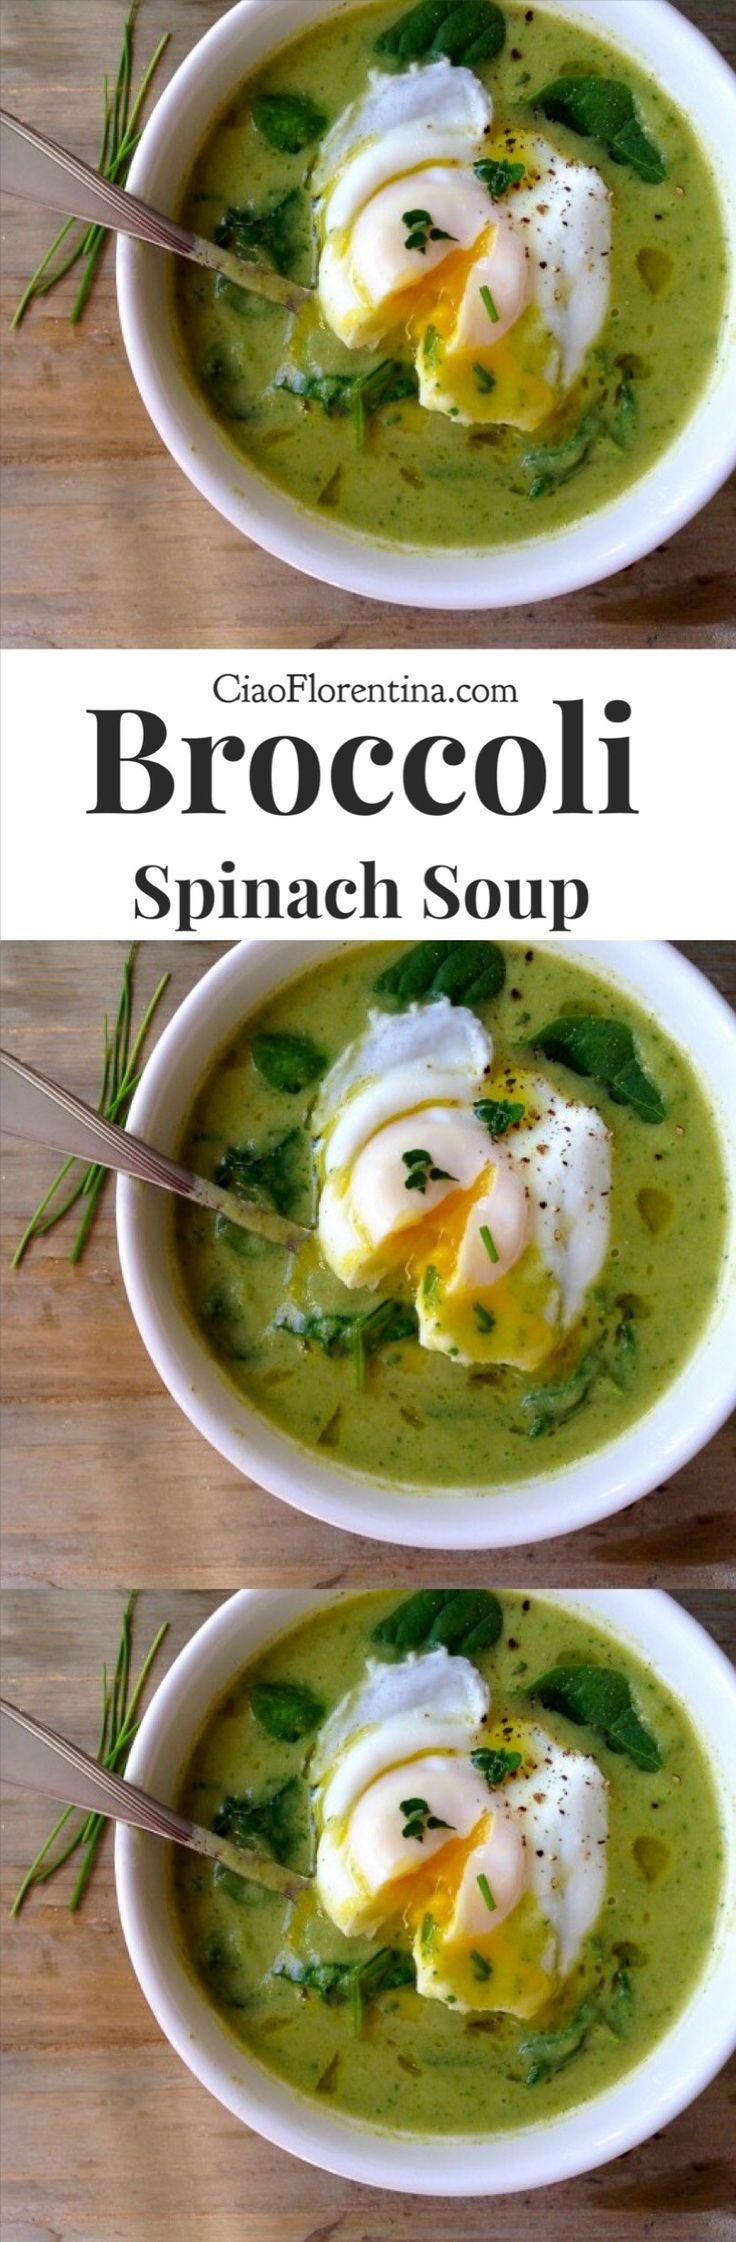 Broccoli Spinach Soup Recipe, vegetarian and paleo | CiaoFlorentina.com @CiaoFlorentina